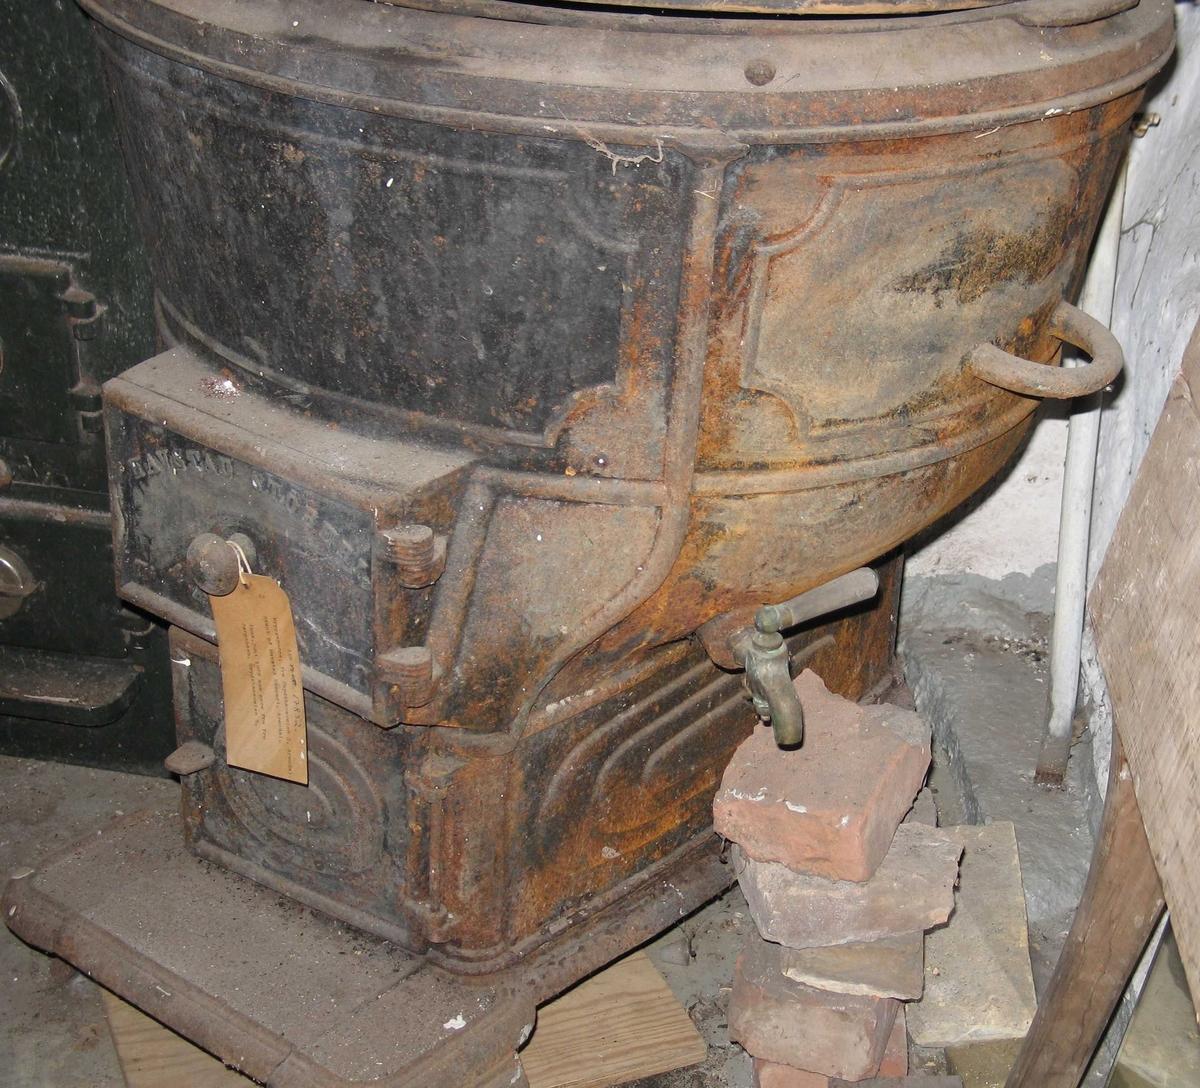 Bryggepanne, komplett. Støpejern, trelokk med tre labanker oppå, og midthank.  Stor bryggepanne med oppoverskrånende doble vegger.  Står på ovn med en dør for ilegg.  Støperiets navn er stemplet på døren.  Under den en dør for askeuttak.  En hank på hver side av gryten.  Kran for uttapping.  Panna sto i kjelleren da giver kjøpte huset i 1979.  Med tilhørende rør = komplett.  Står i kjelleren på husmorskolen.